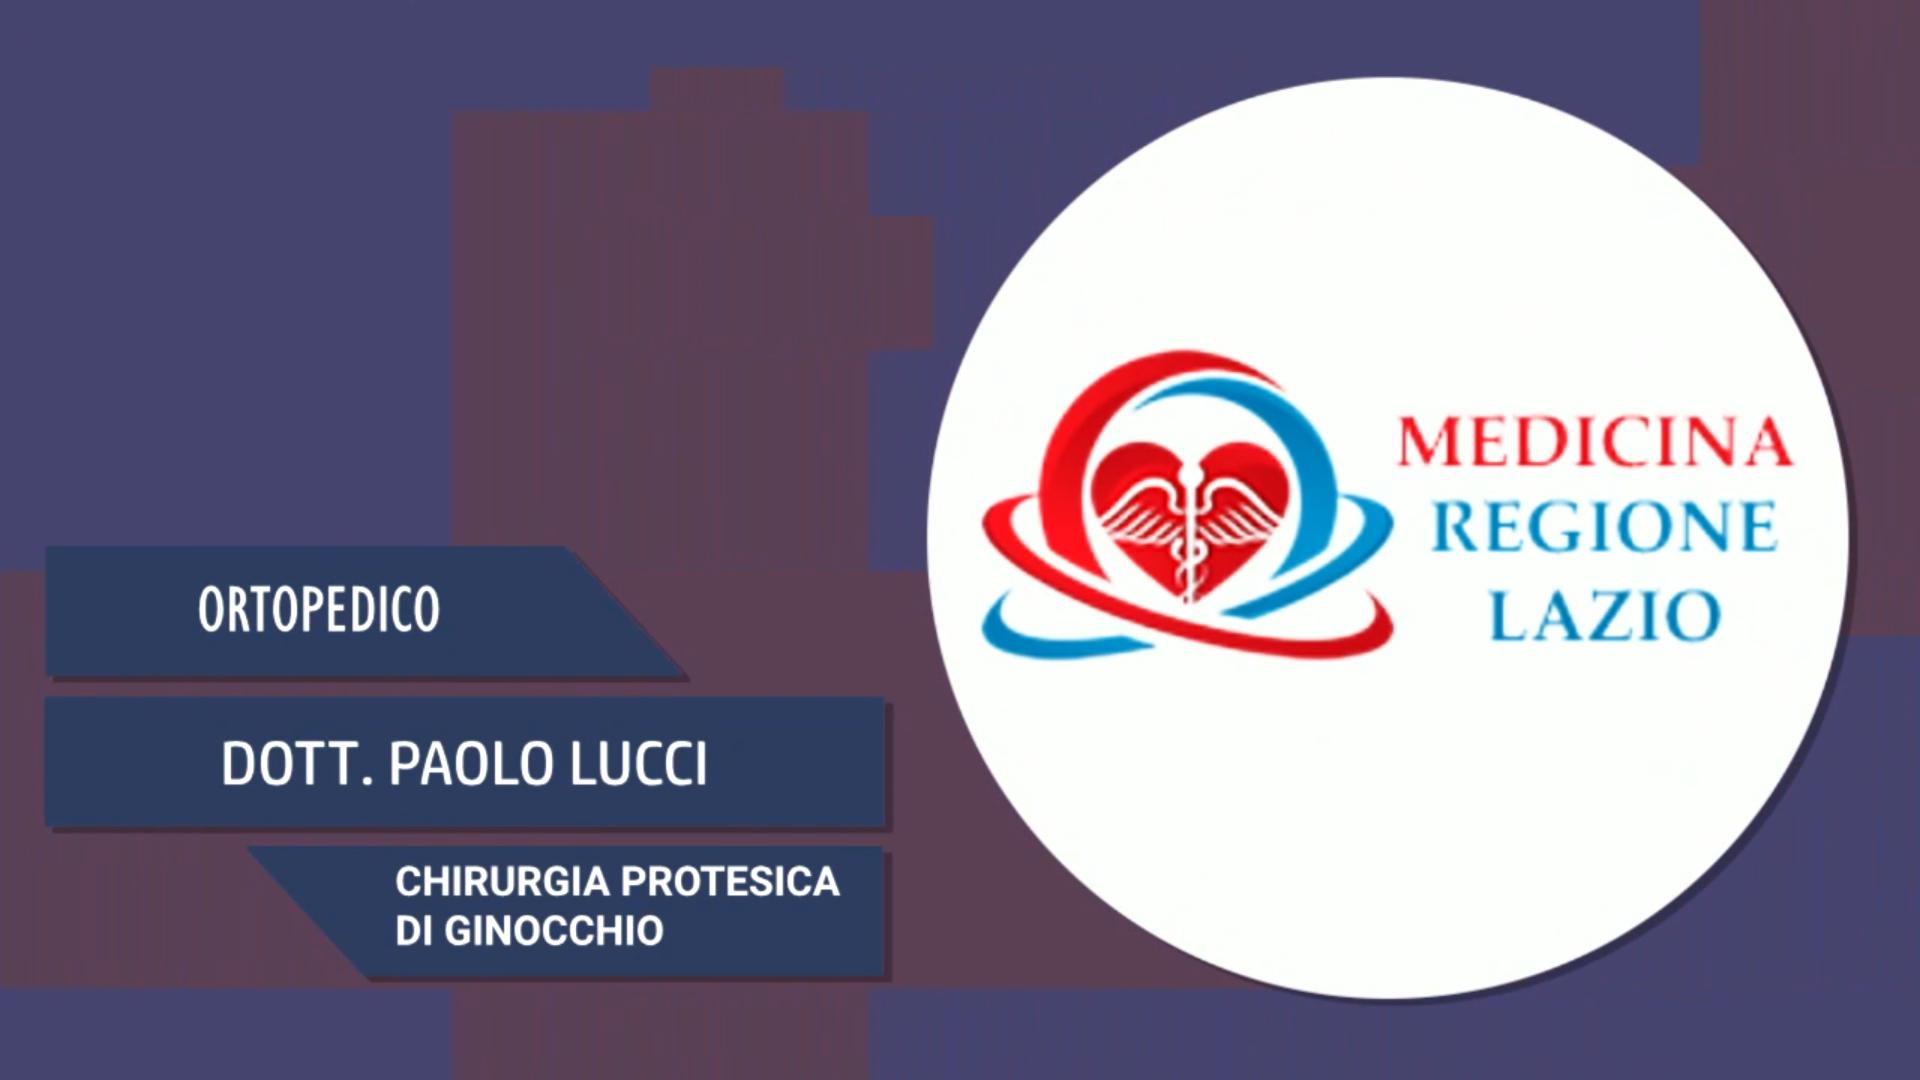 Intervista al Dott. Paolo Lucci – Chirurgia protesica di ginocchio